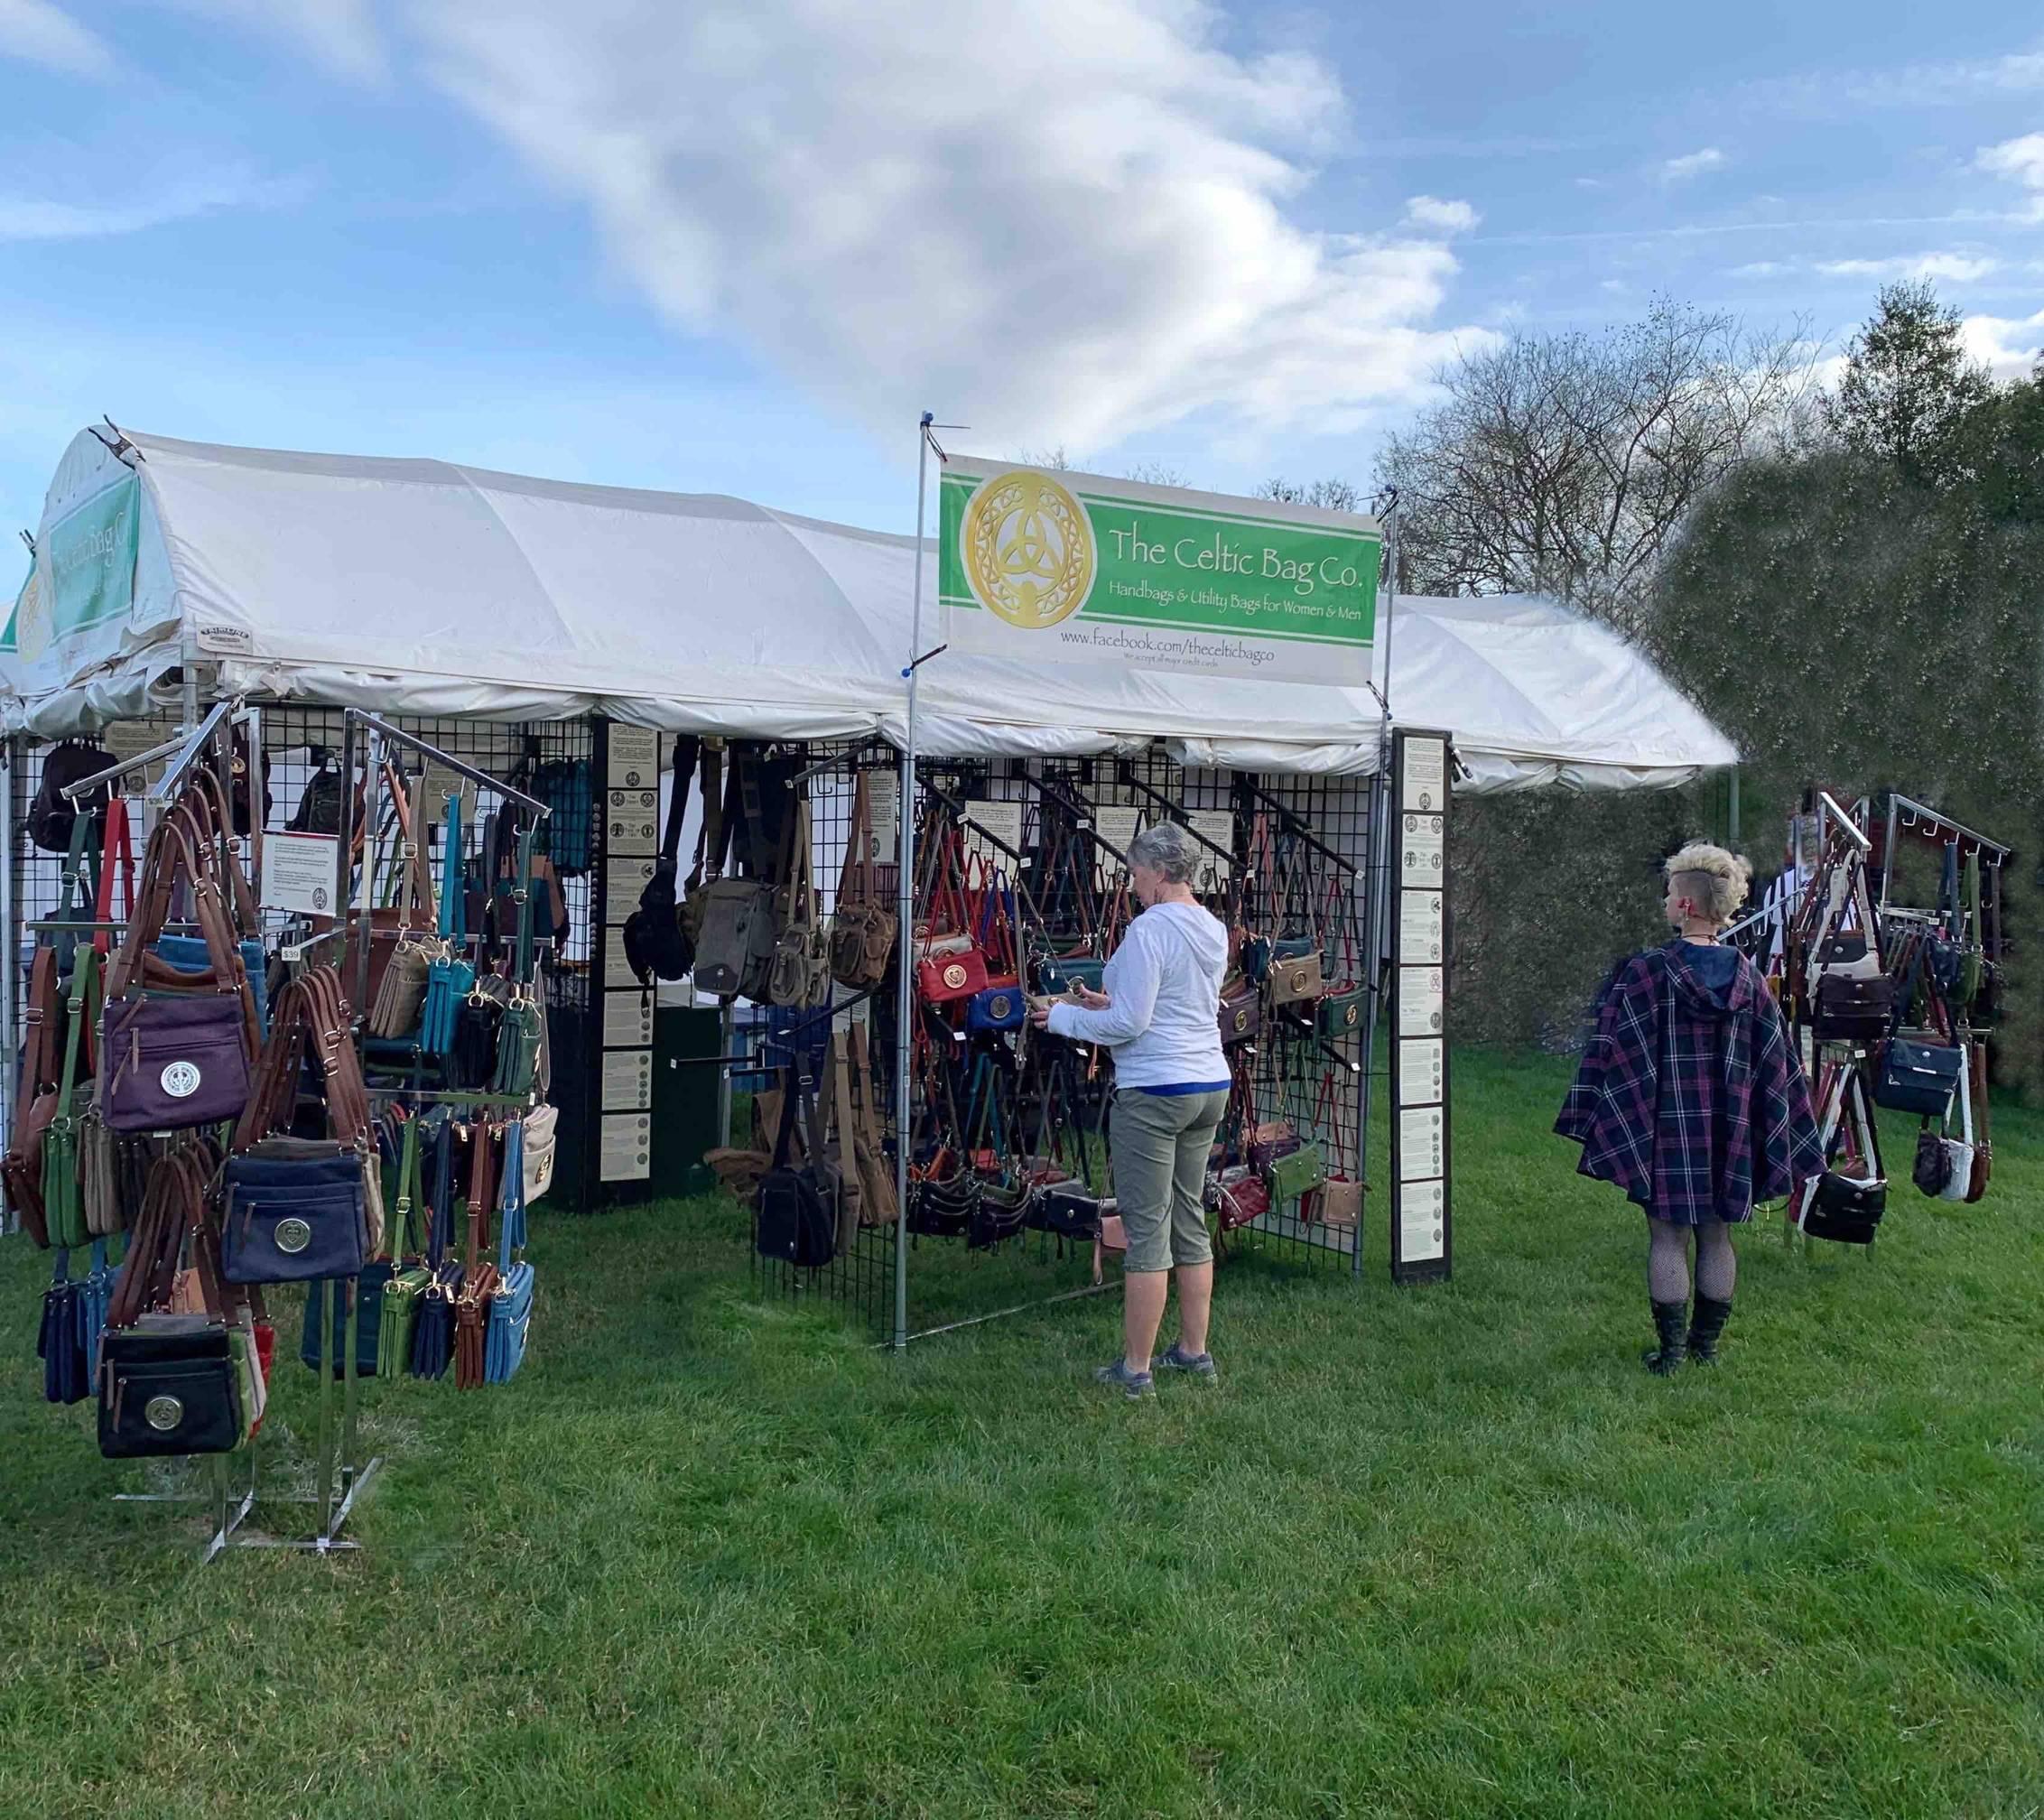 The Celtic Bag Co. Celtic Festival Online